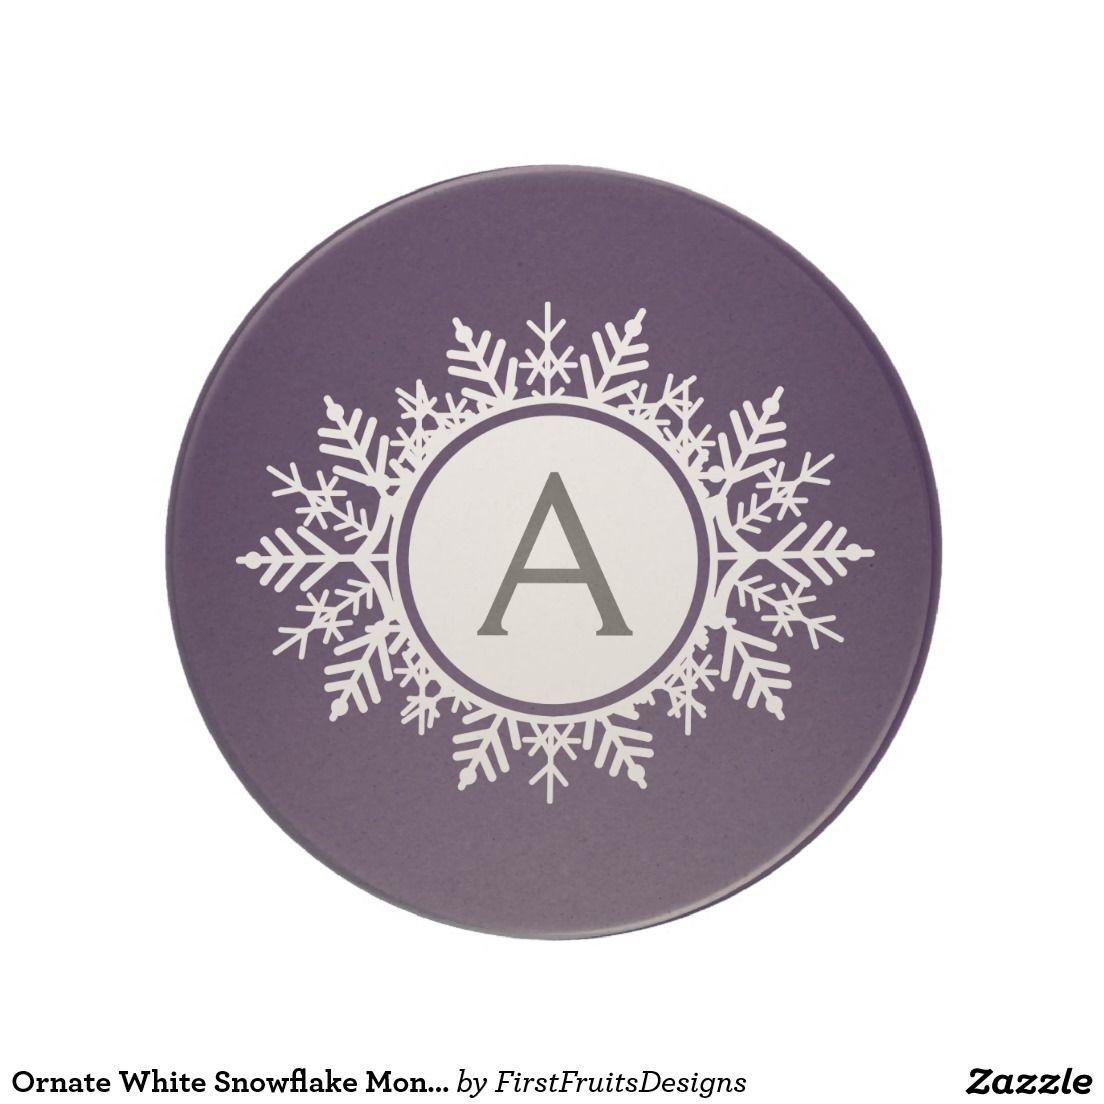 Ornate White Snowflake Monogram on Purple Beverage Coasters